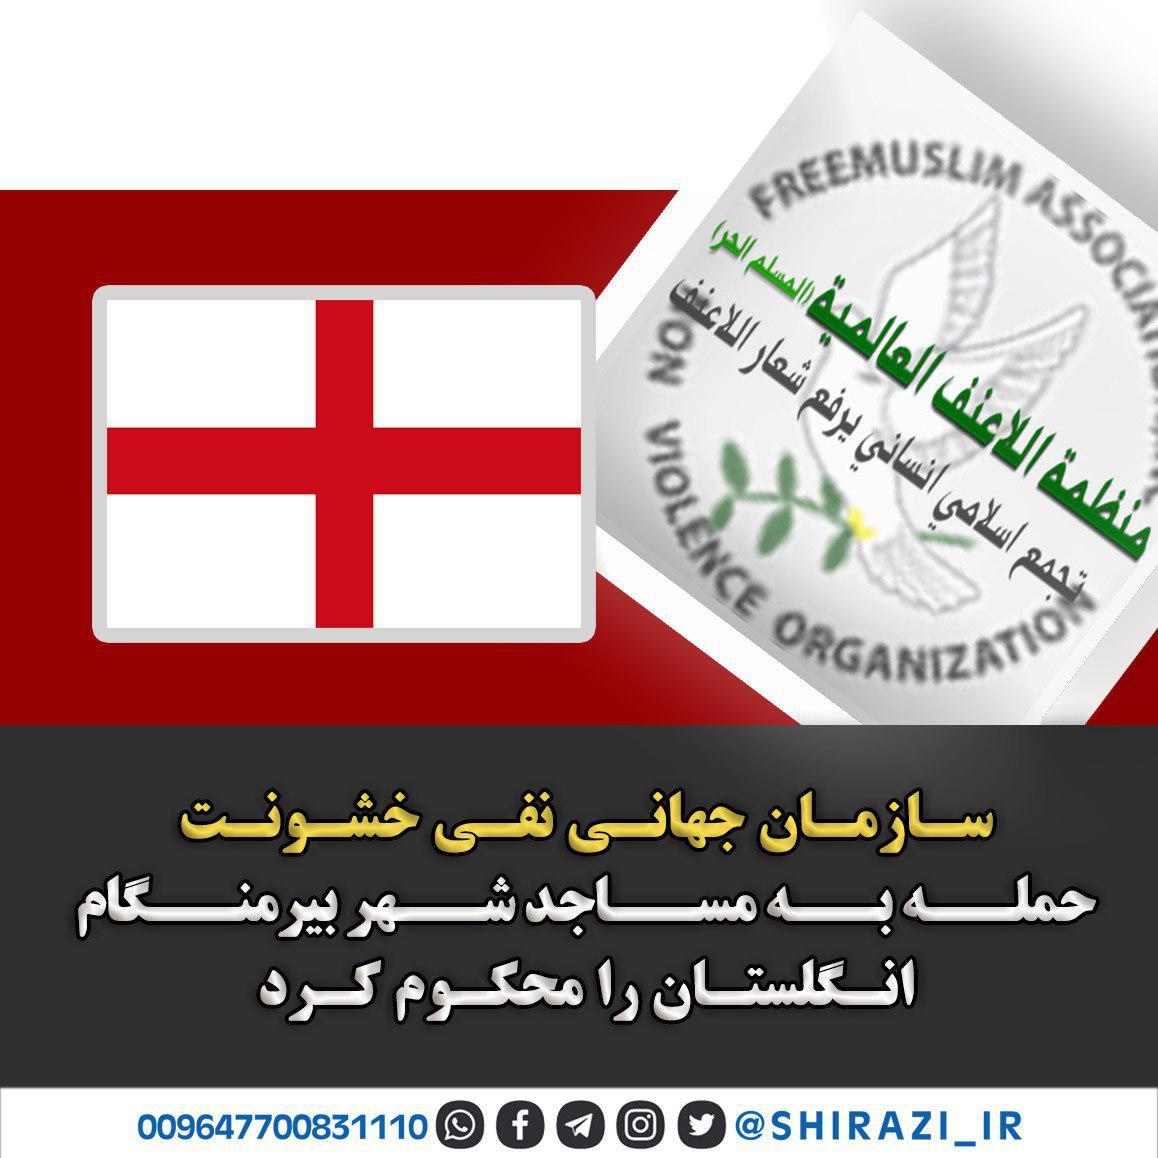 تصویر مسلمان آزاده حمله به مساجد شهر بیرمنگام انگلستان را محکوم کرد